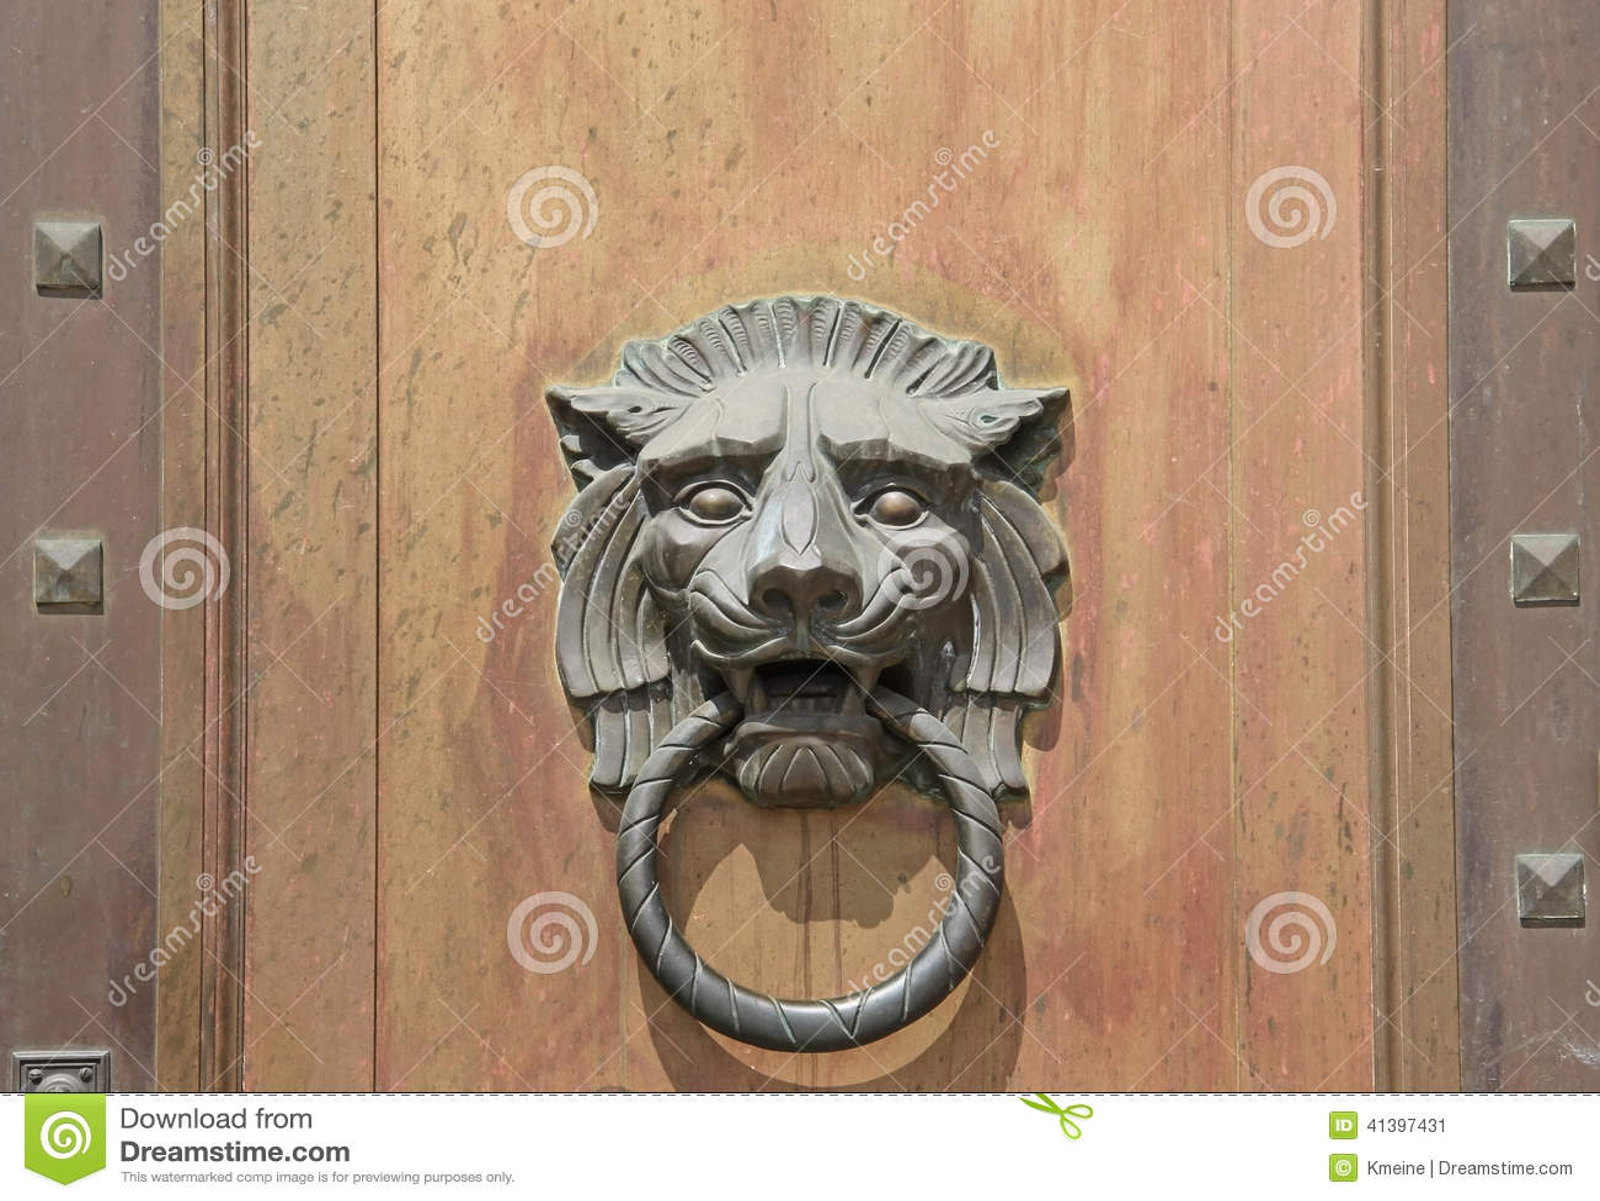 Large lion head door knocker on wood door background stock photo image 41397431 - Large lion head door knocker ...